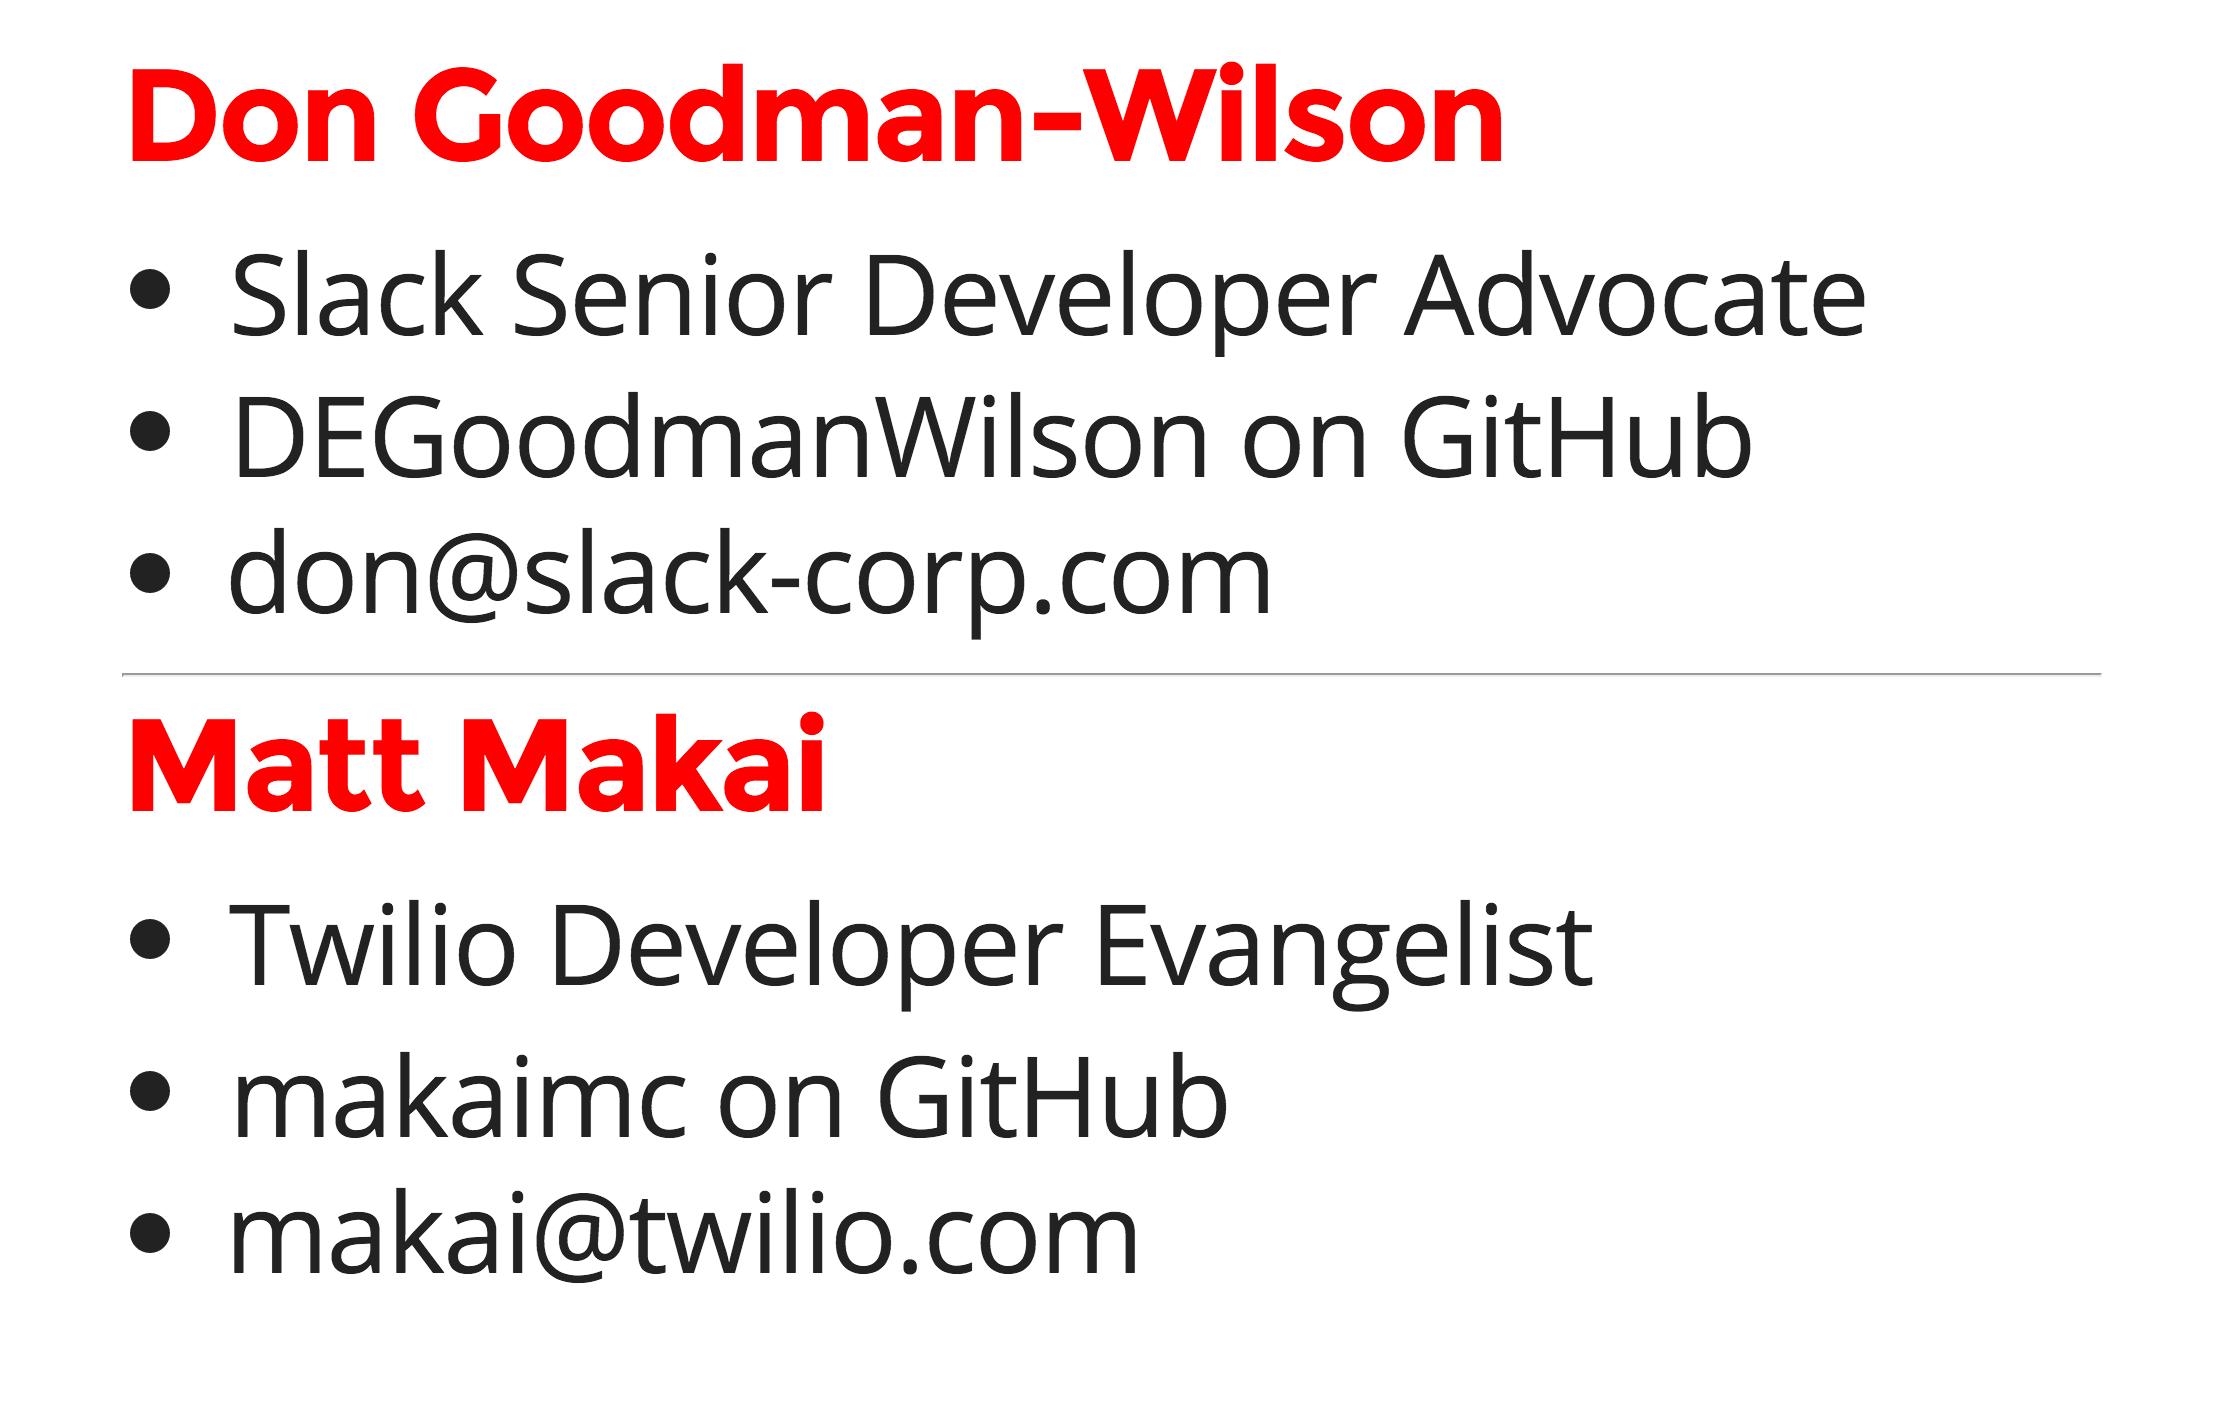 Matt Makai dot com